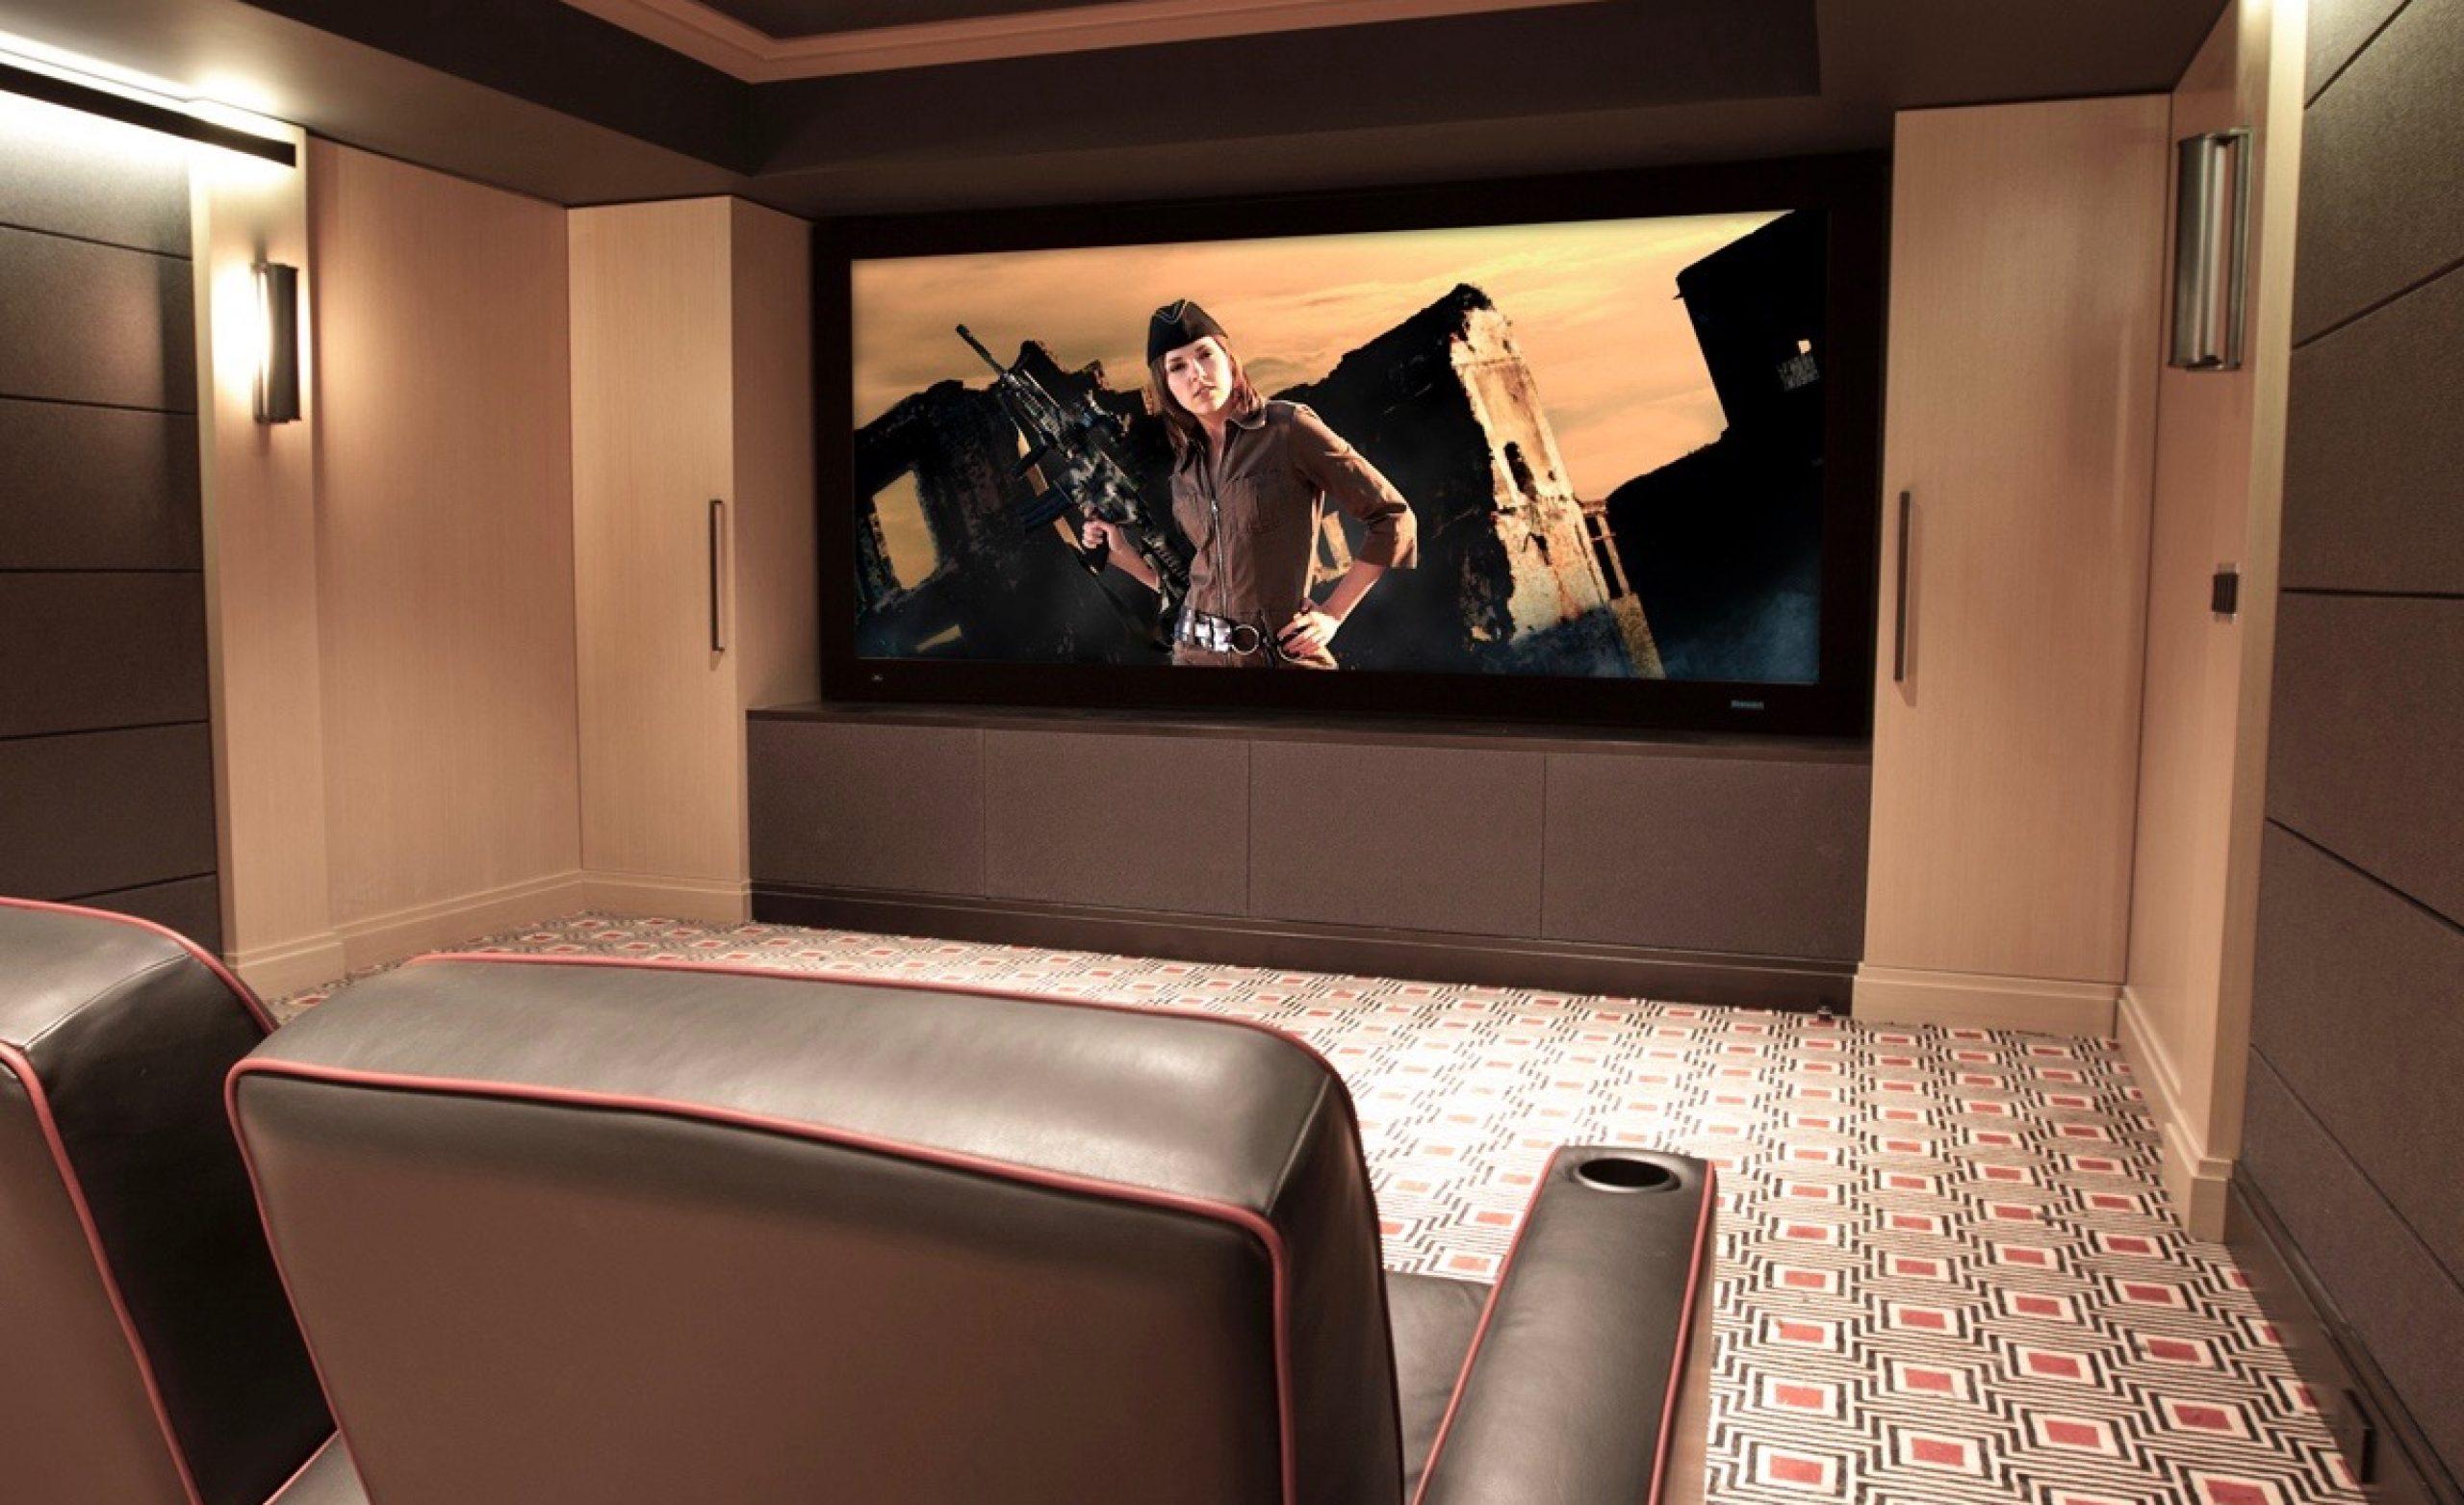 jaffea+i-Private-Screenings-movie-screen